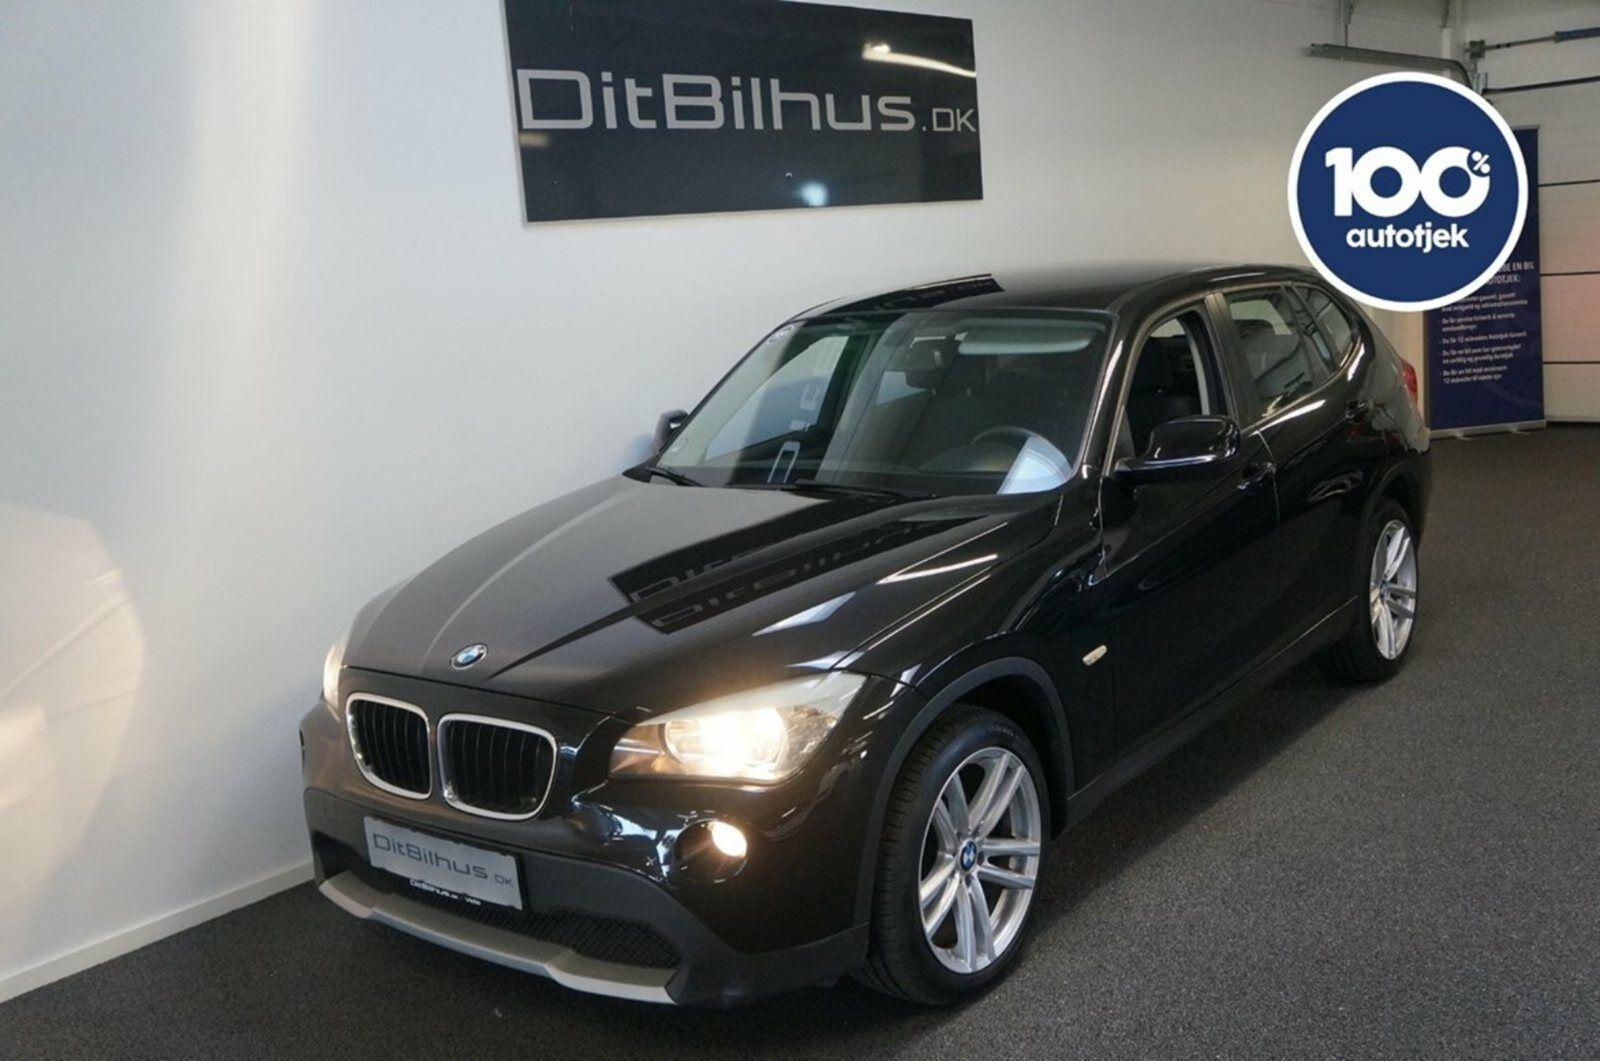 BMW X1 2,0 sDrive20d aut. 5d - 188.888 kr.